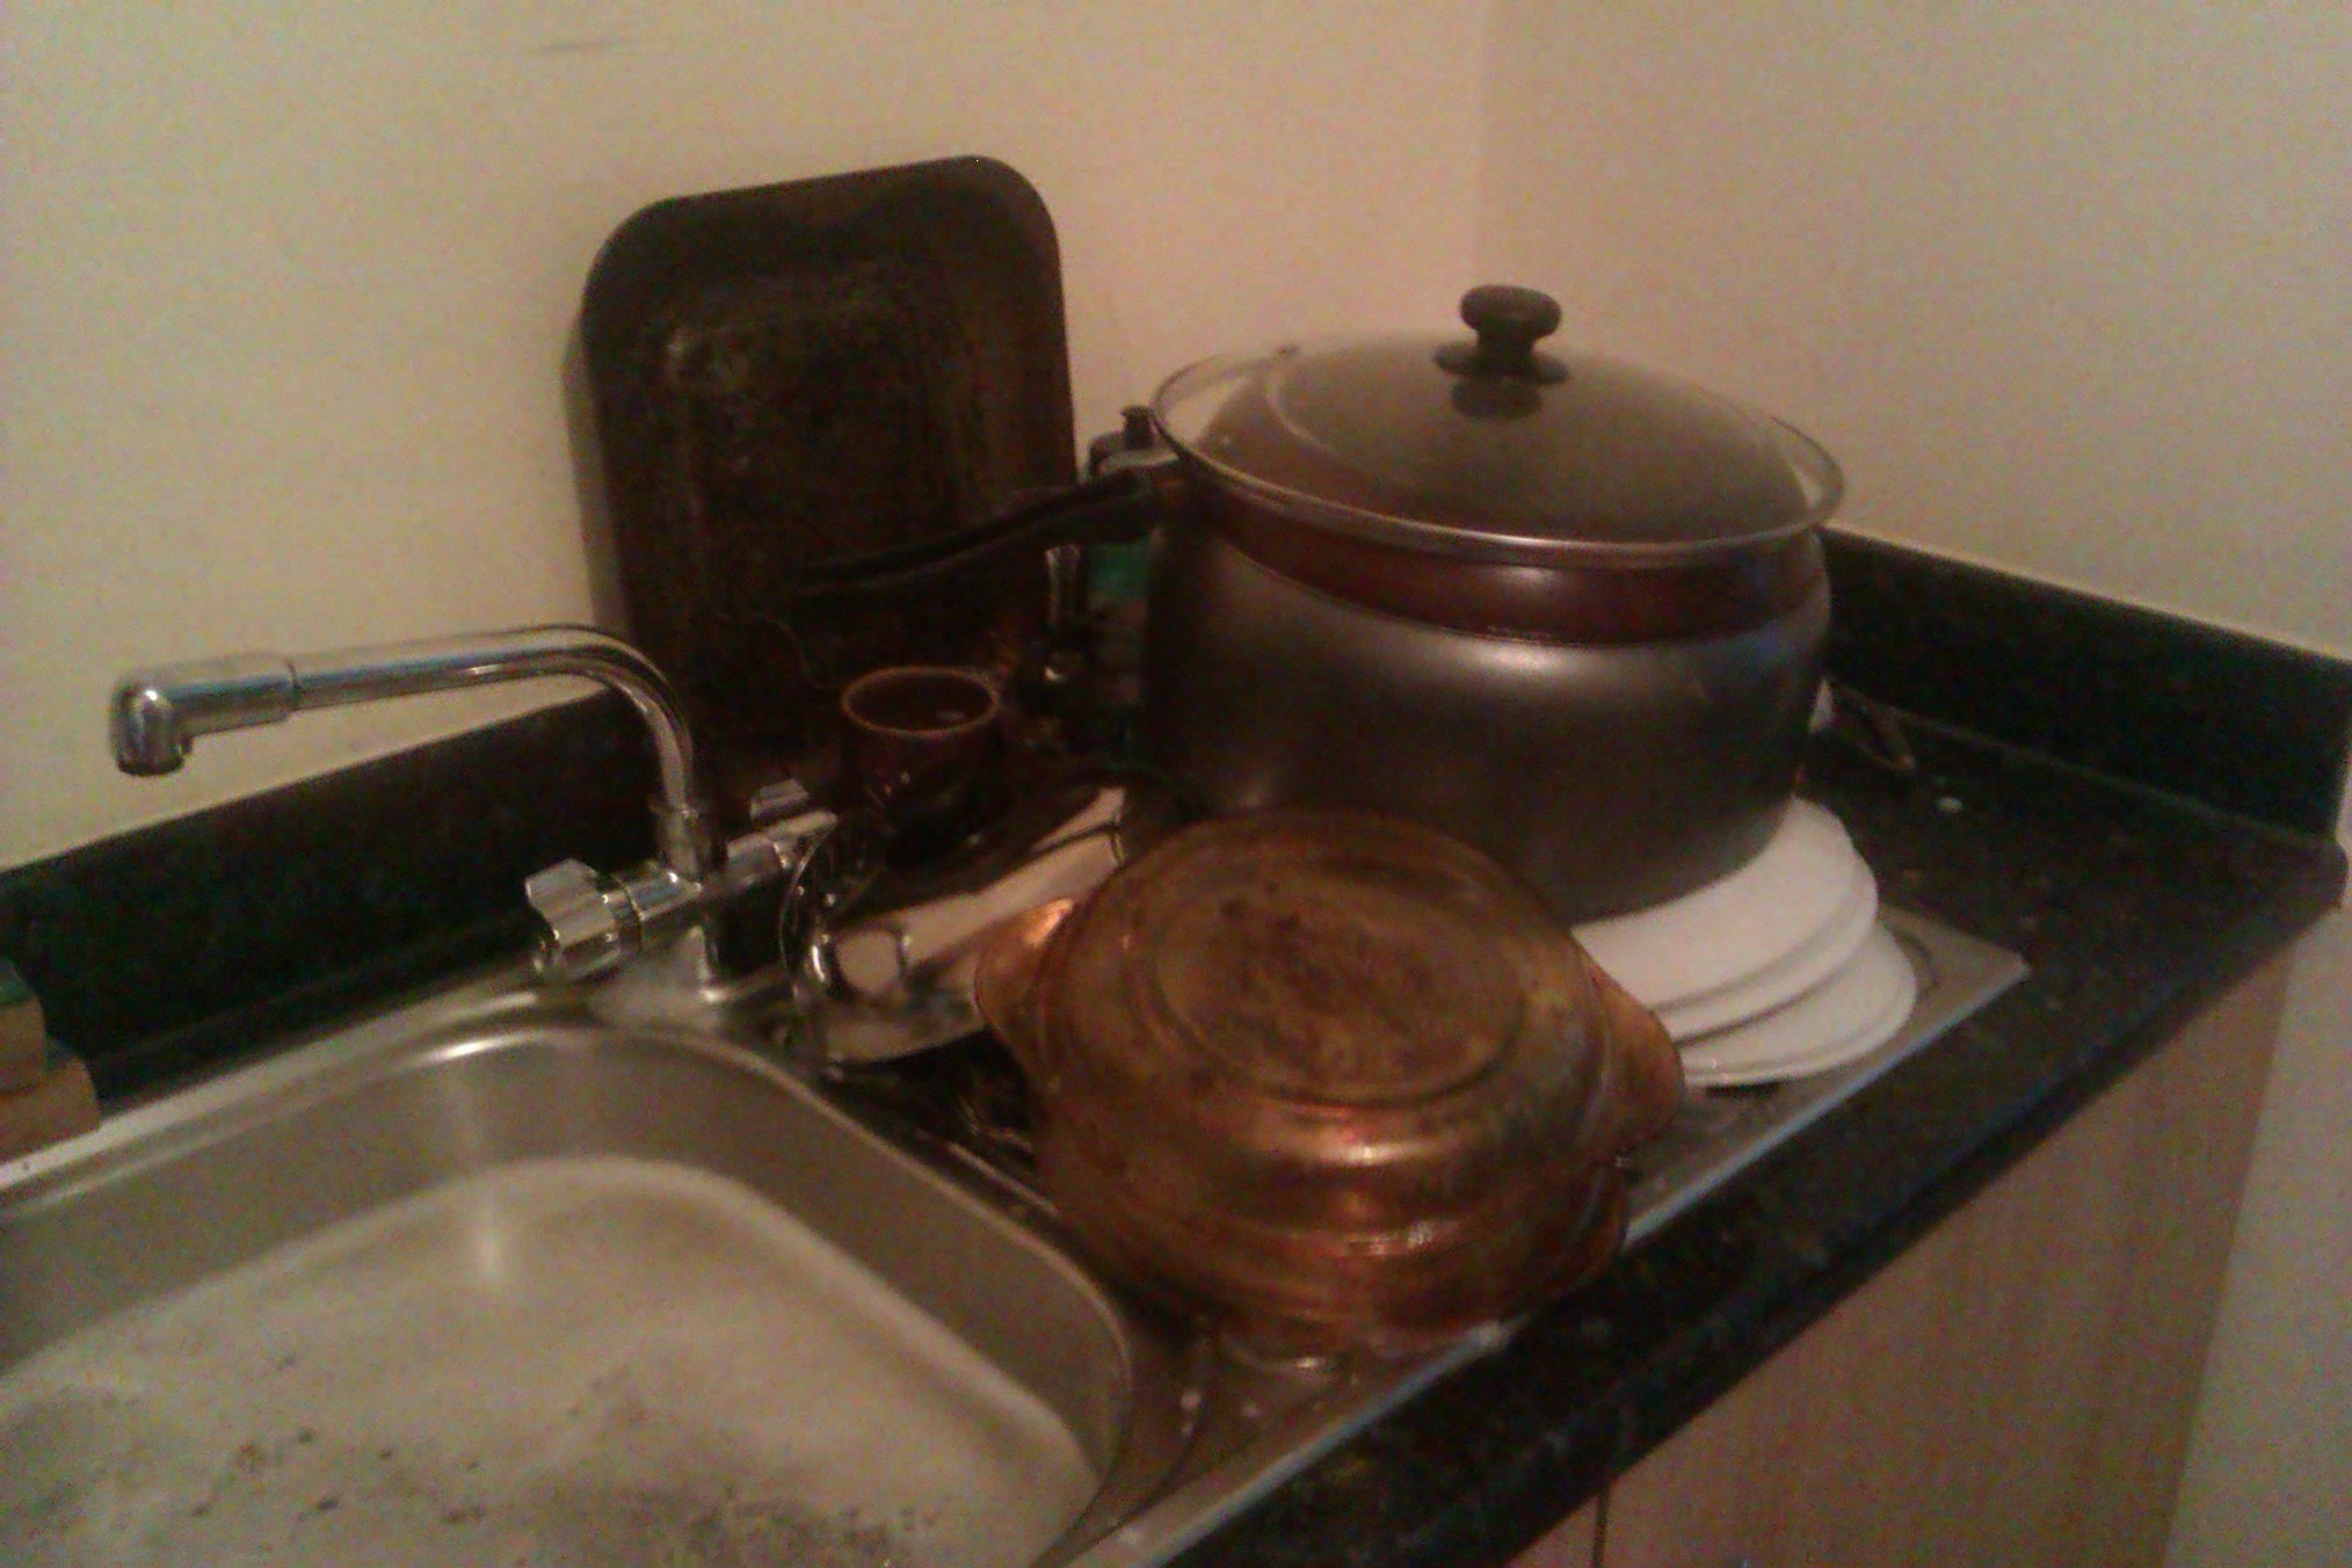 Washing up 3